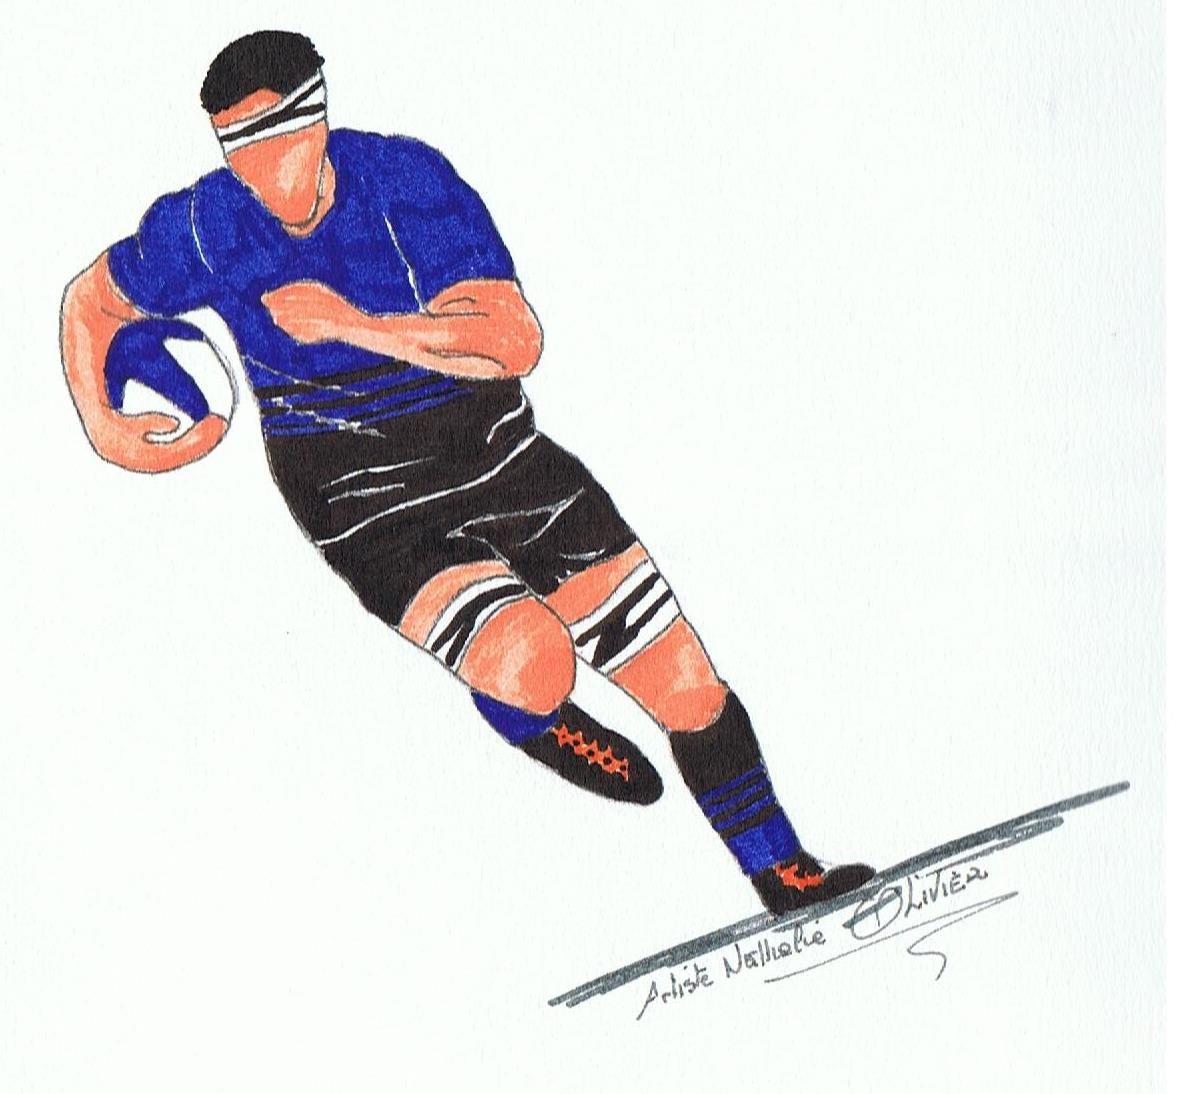 Artiste Basque Peintures Olivier Nathalie Dessins Prochaine Dessin Rugby Dessin Dessin Sport